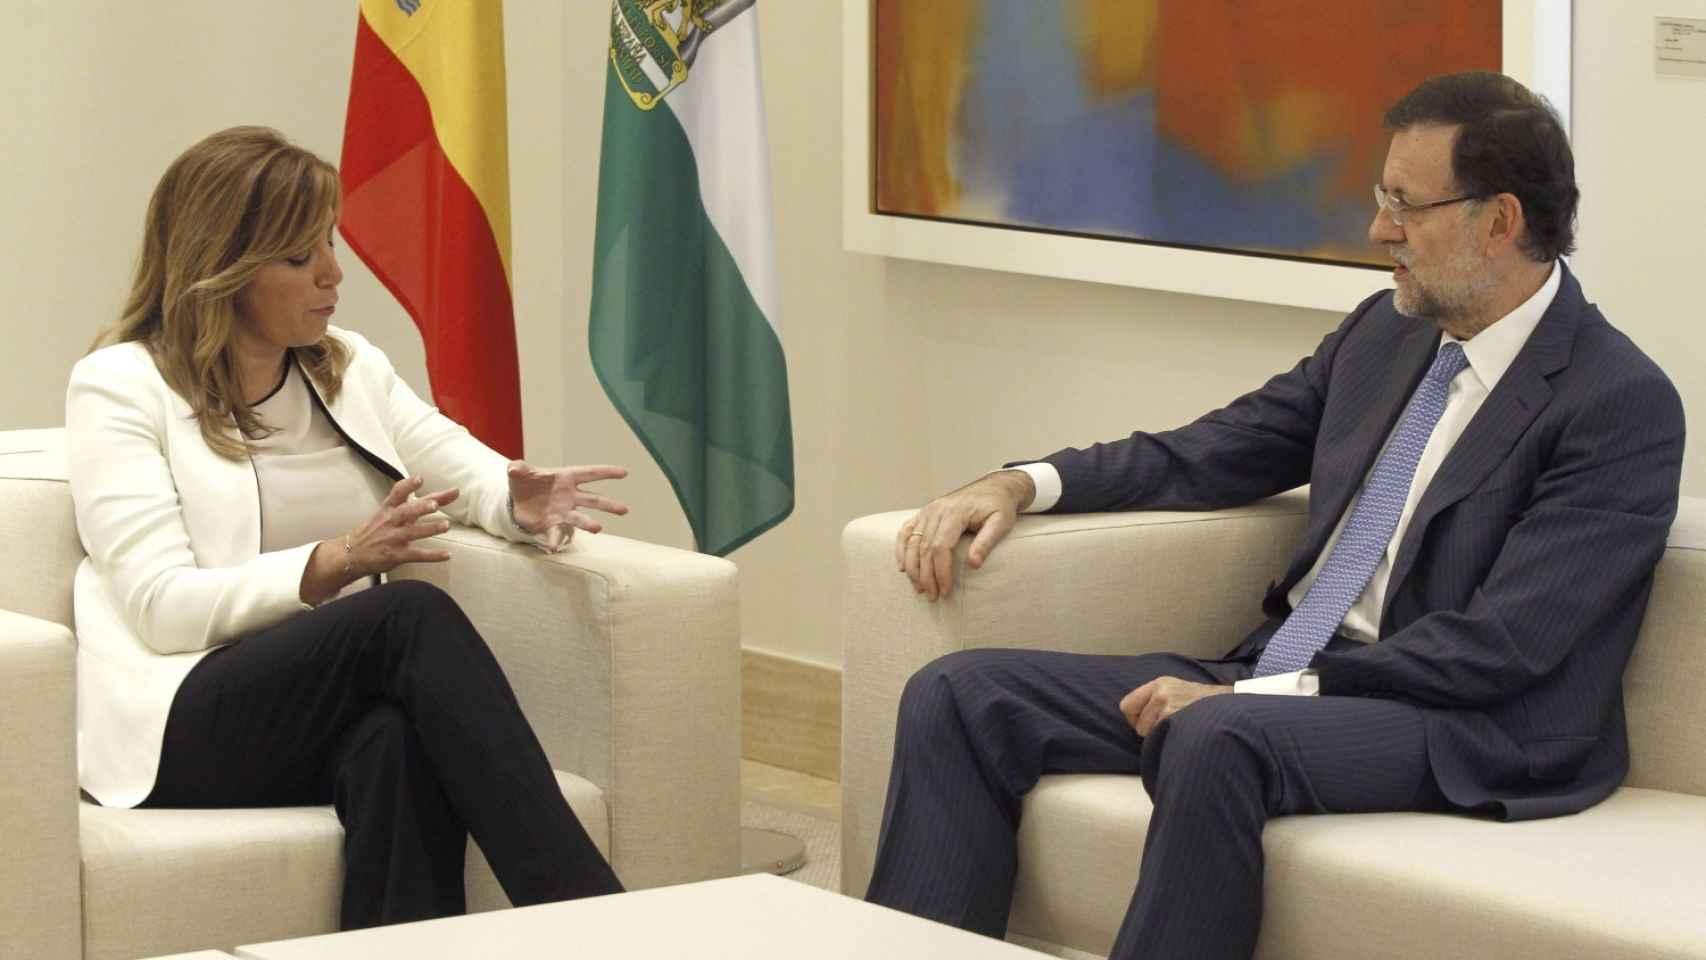 Mariano Rajoy y Susana Díaz, durante un encuentro en el Palacio de La Moncloa.